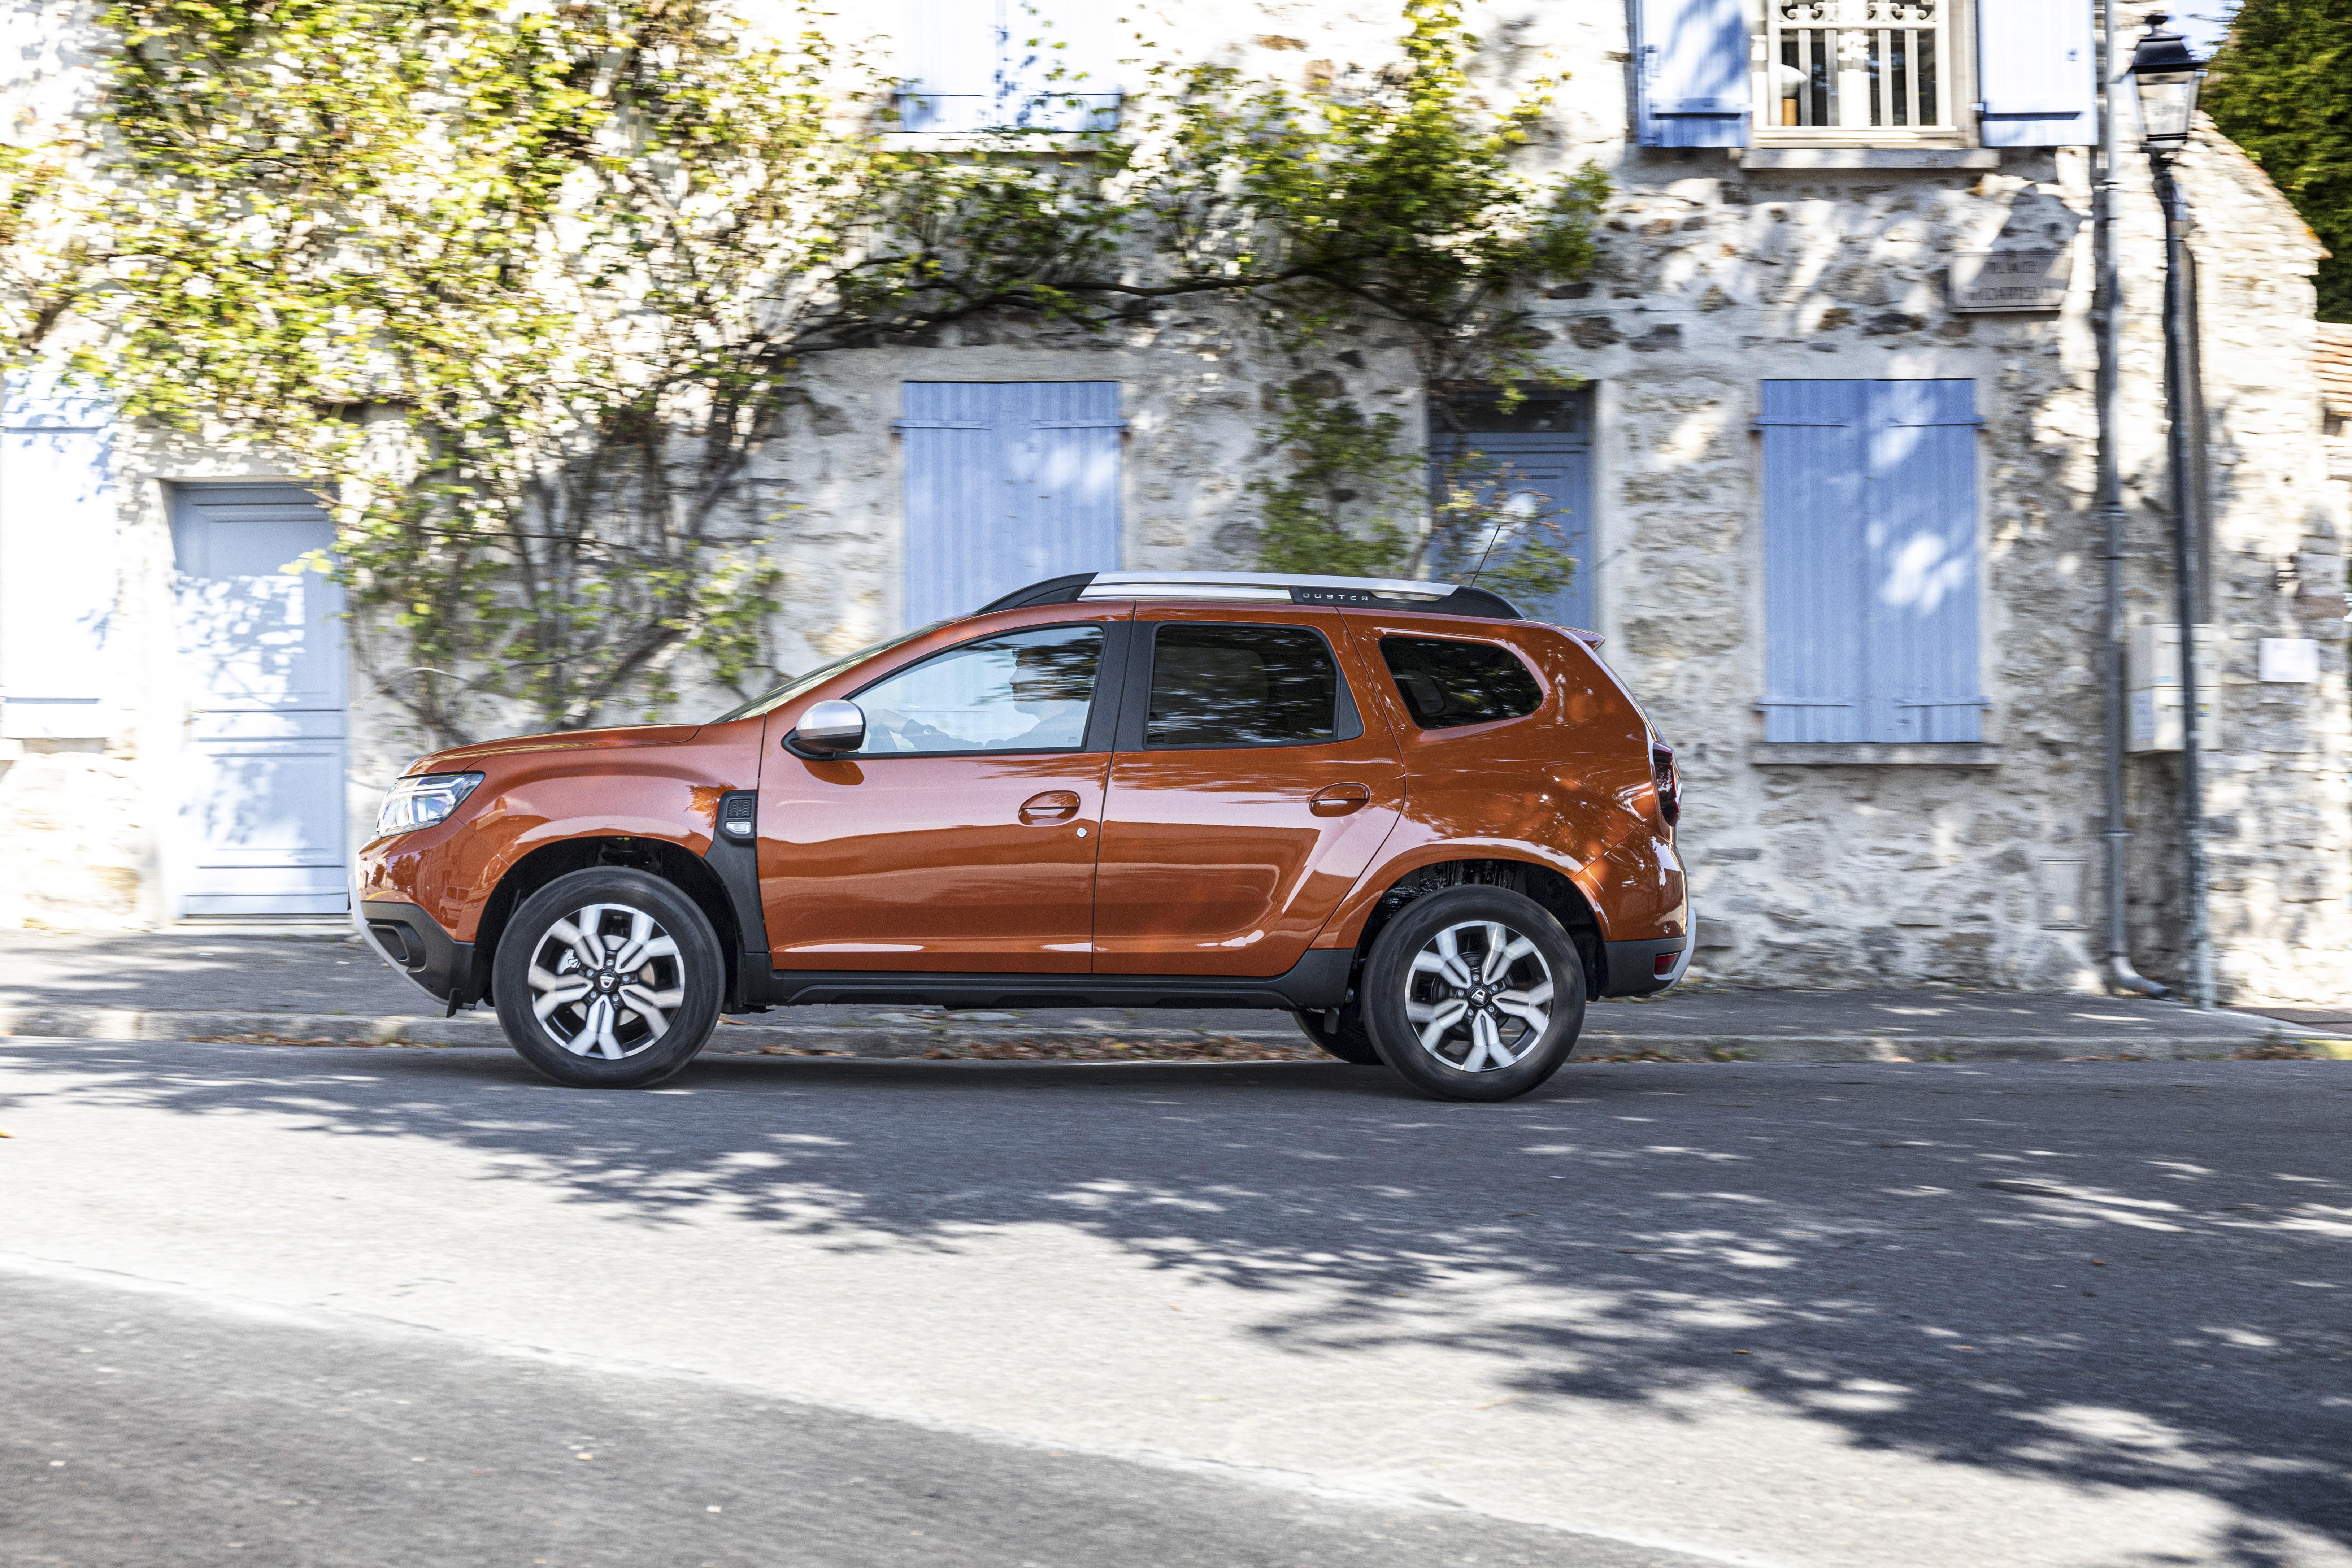 2021 - New Dacia Duster 4X2 - Arizona Orange tests drive (2)